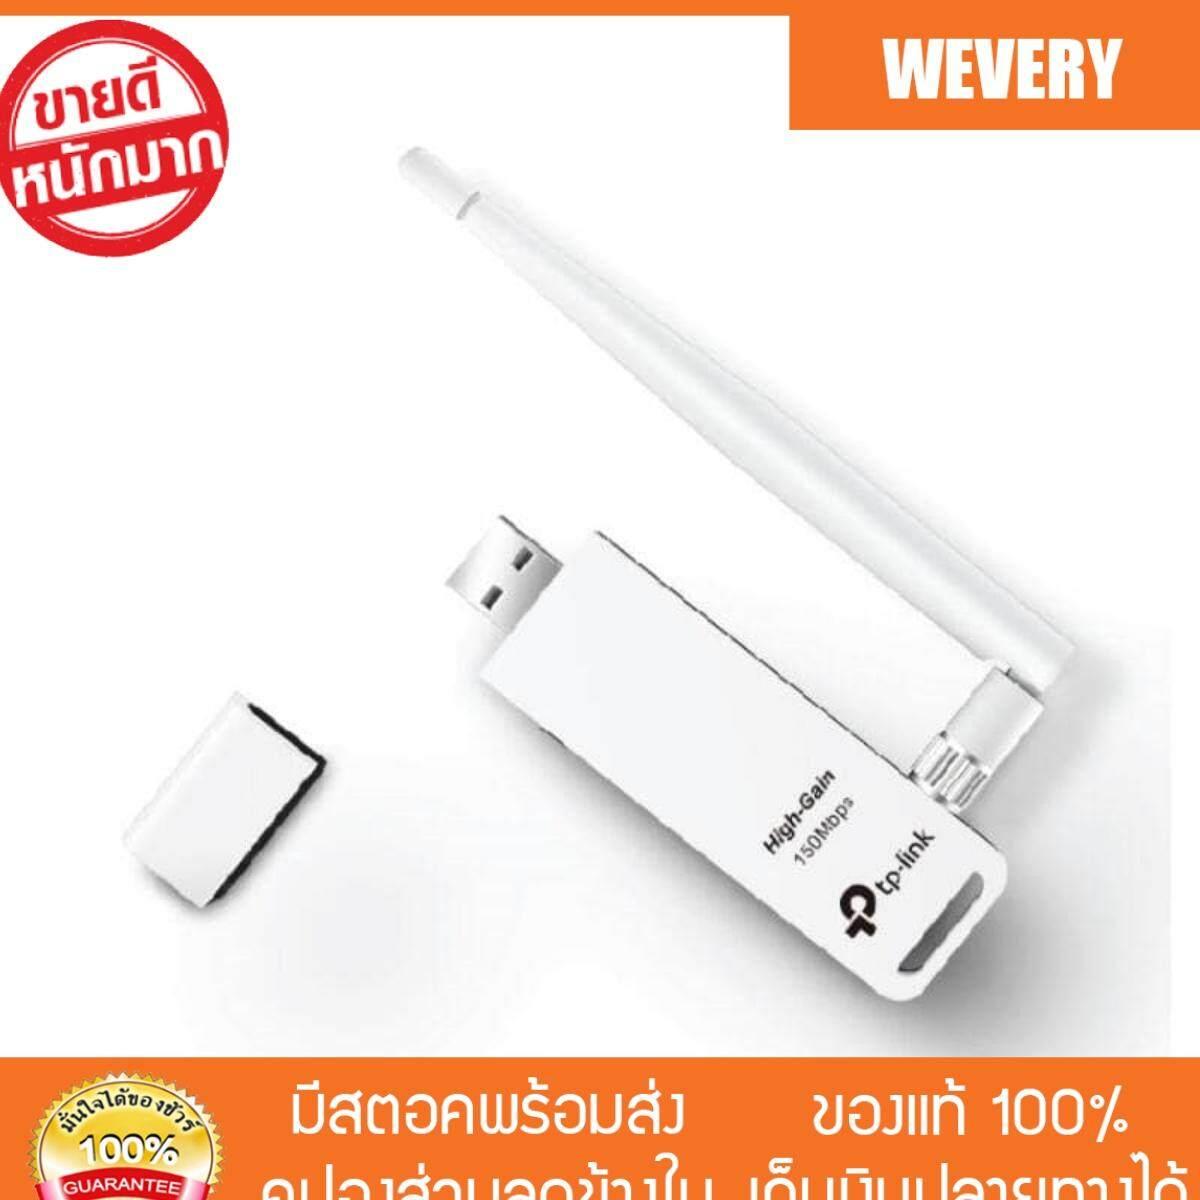 เก็บเงินปลายทางได้ [Wevery] TP-Link TL-WN722N อุปกรณ์รับสัญญาณ Wi-Fi (150Mbps High Gain Wireless USB Adapter) ตัวรับสัญญาณ wifi ตัวรับ wifi ส่ง Kerry เก็บปลายทางได้